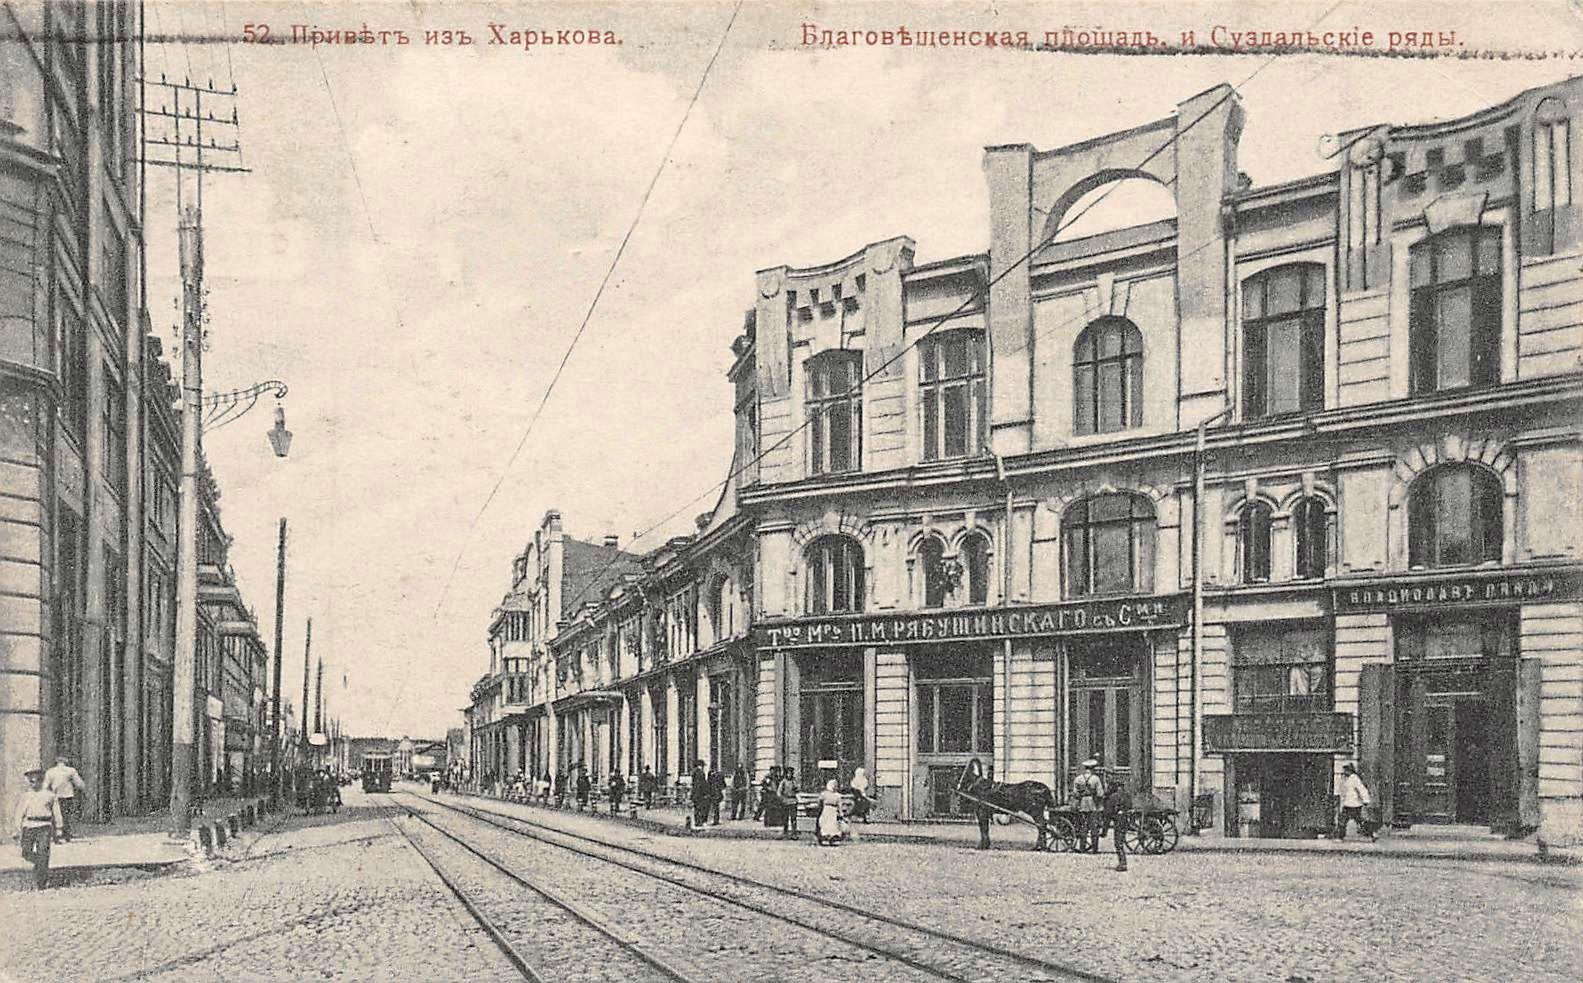 Благовещенская площадь и Суздальские ряды